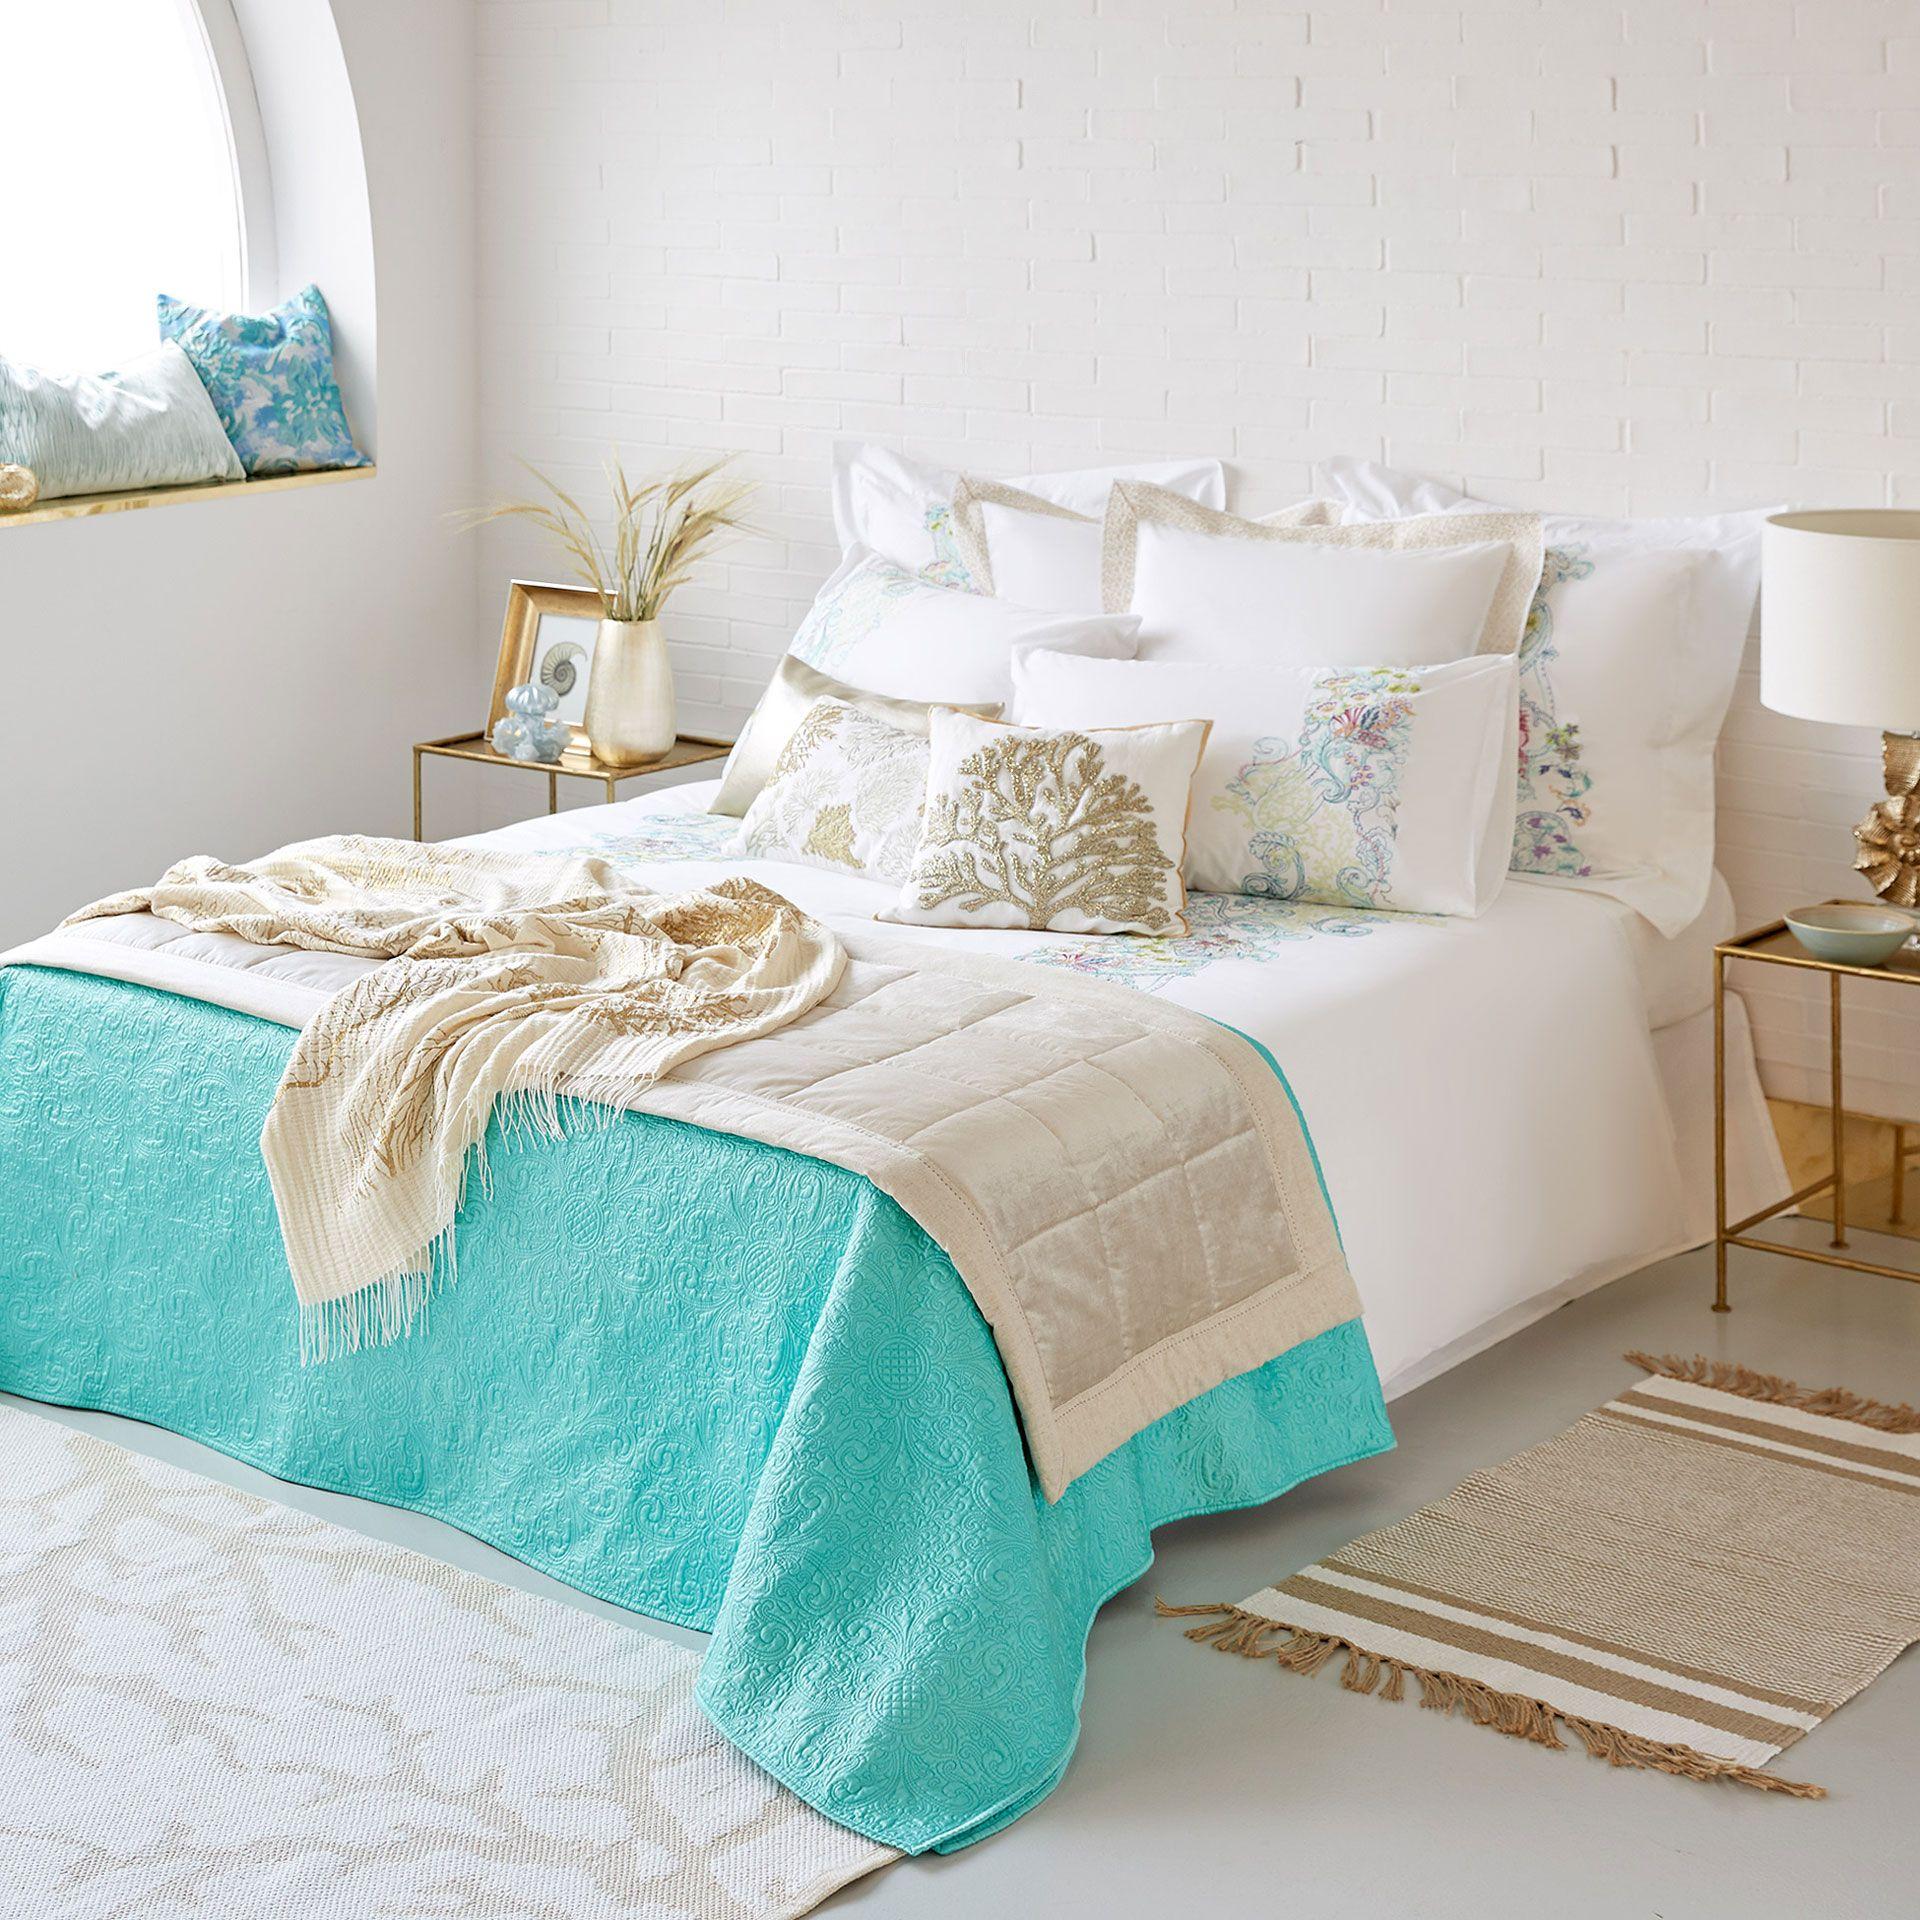 Bild Des Produktes Quilt Mit Blumenmotiven Im Relief Zara Home